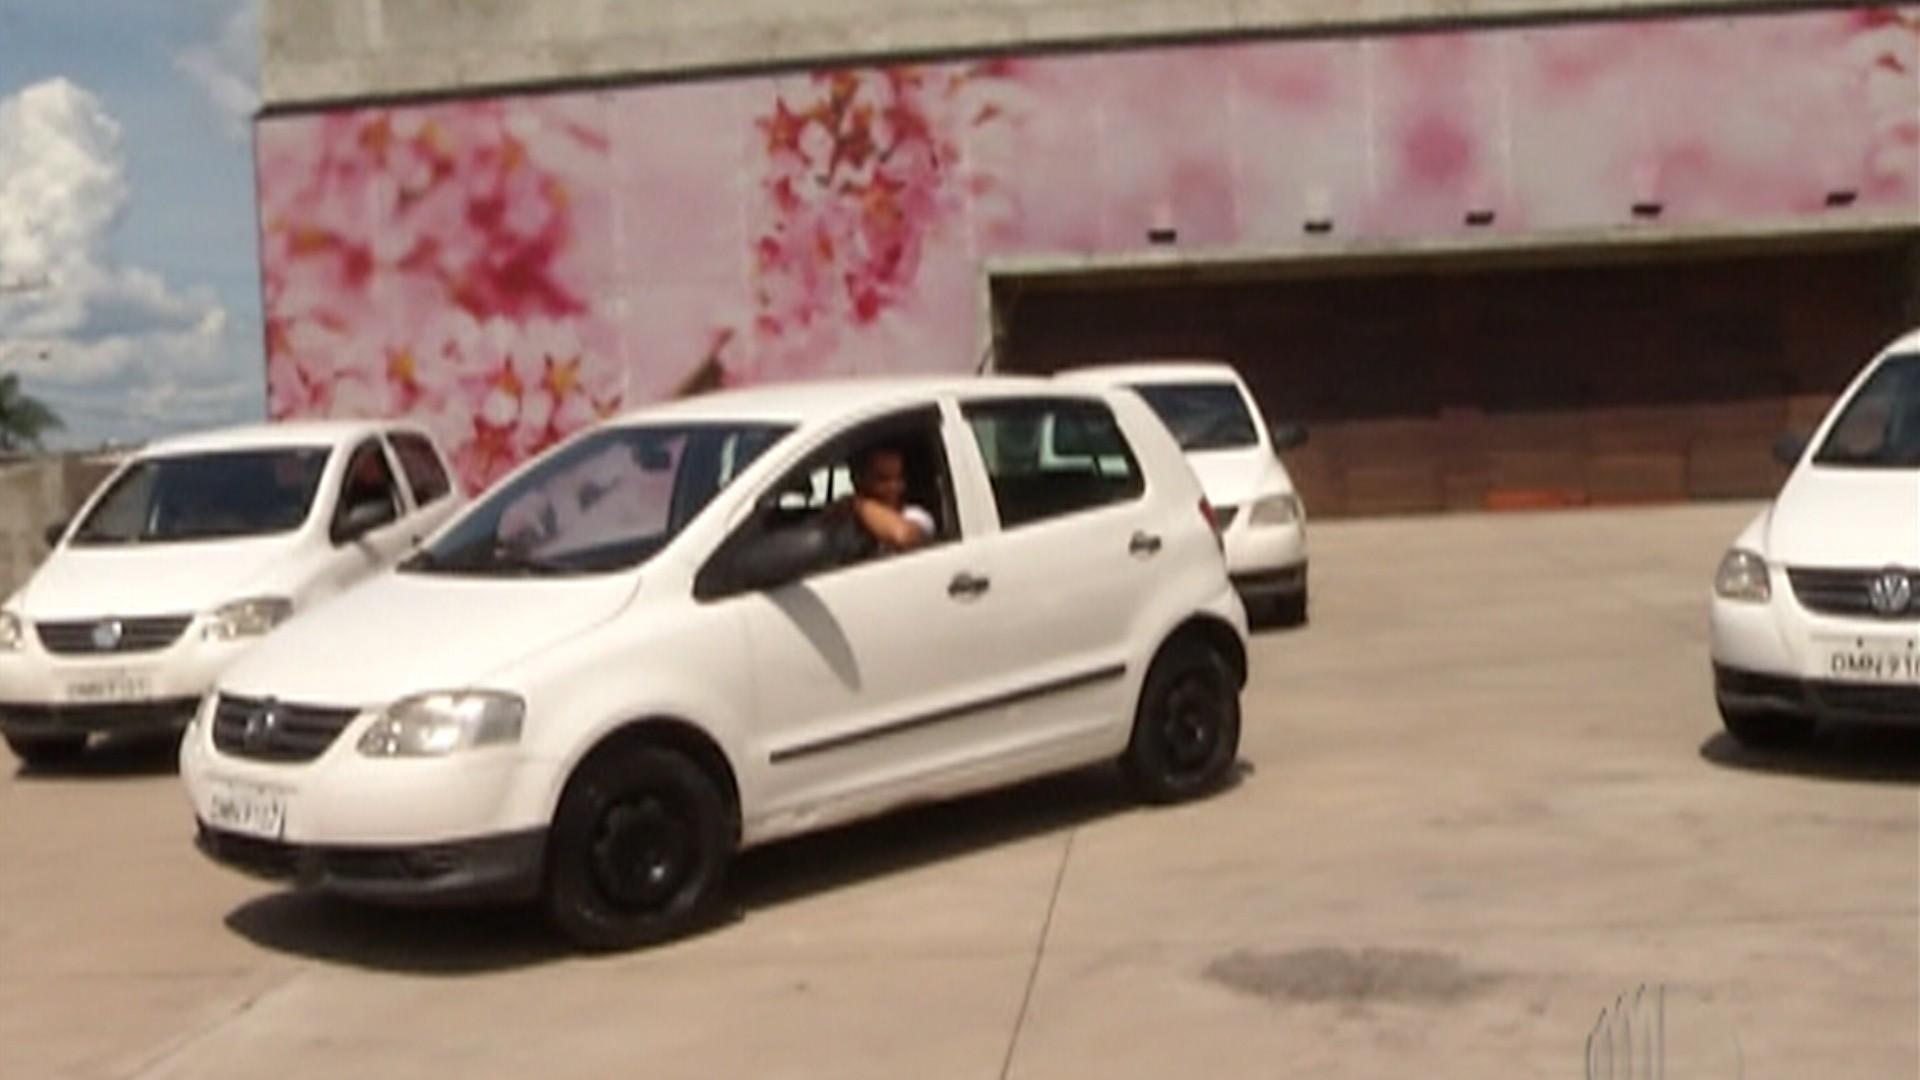 Câmara de Suzano convoca concursados e devolve veículos para a prefeitura - Radio Evangelho Gospel